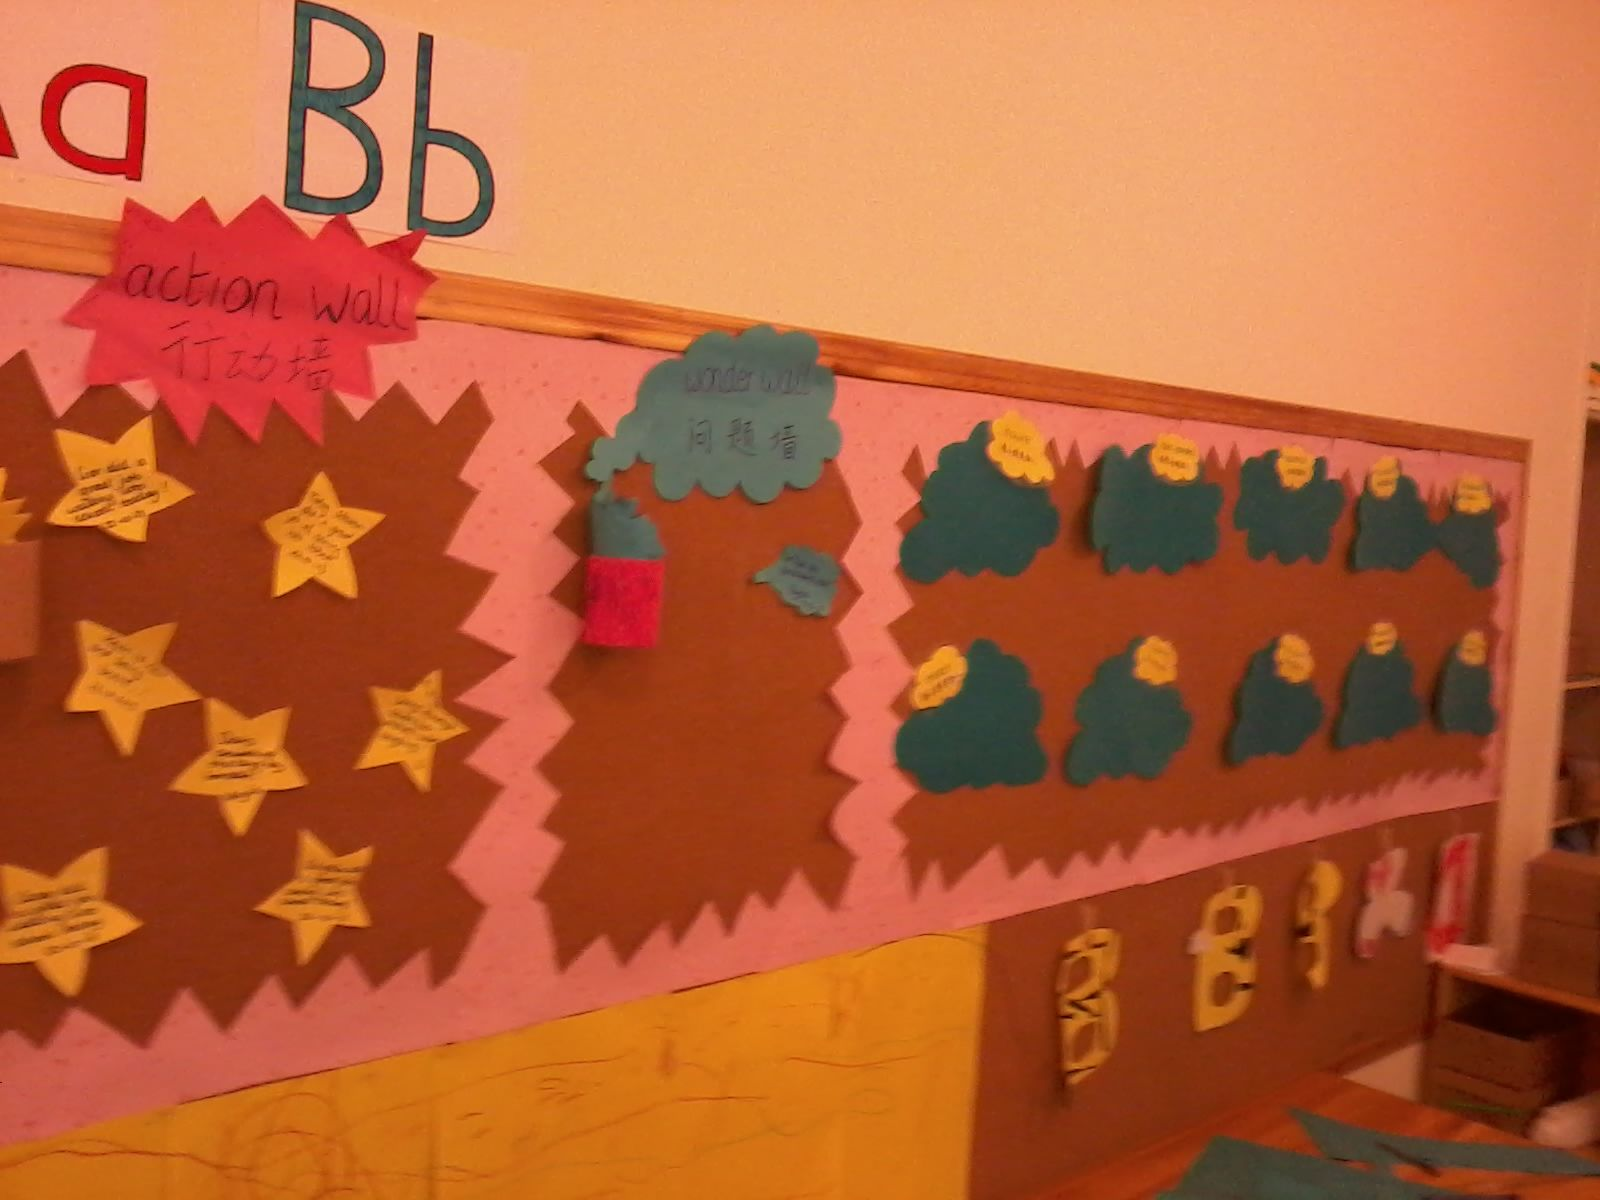 Kindergarten Pyp Classroom Question Wall Wonder Wall